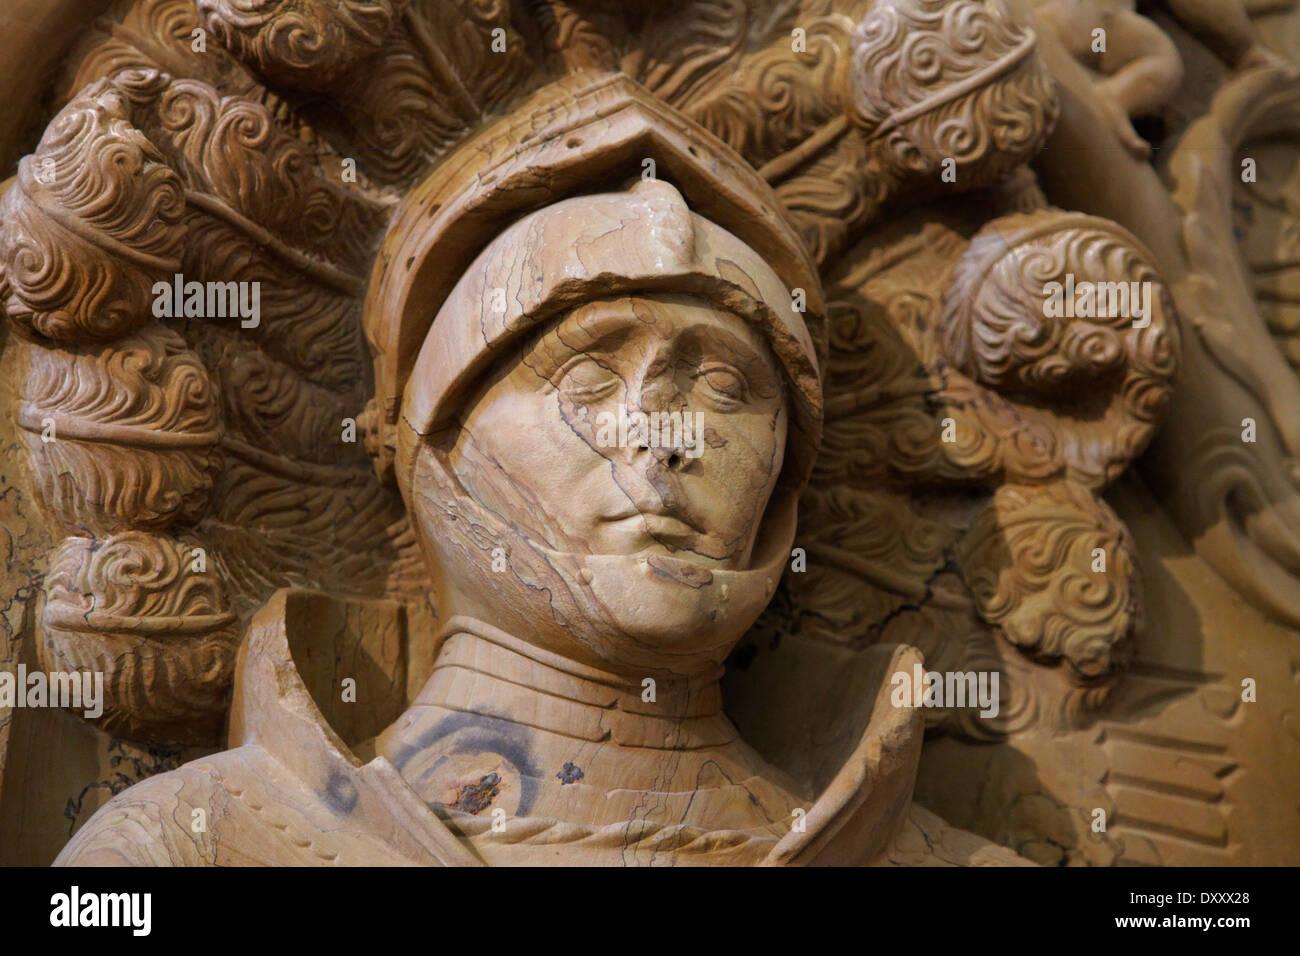 Allemagne, Bade-Wurtemberg, Location Appartement Monastère, église bénédictine de Saint Pierre et Paul, statue, tombe, détail Photo Stock